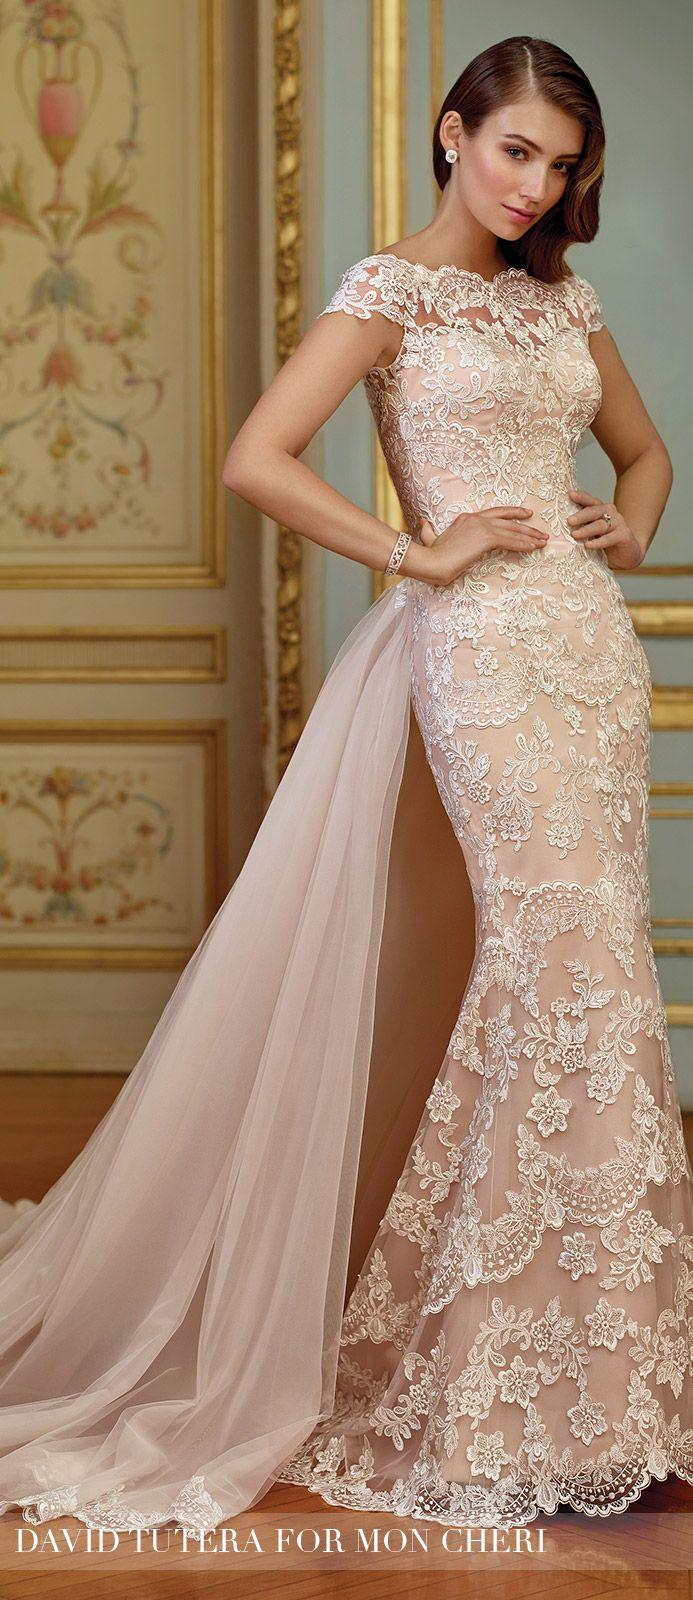 Unique Wedding Dresses Spring 2019 Martin Thornburg